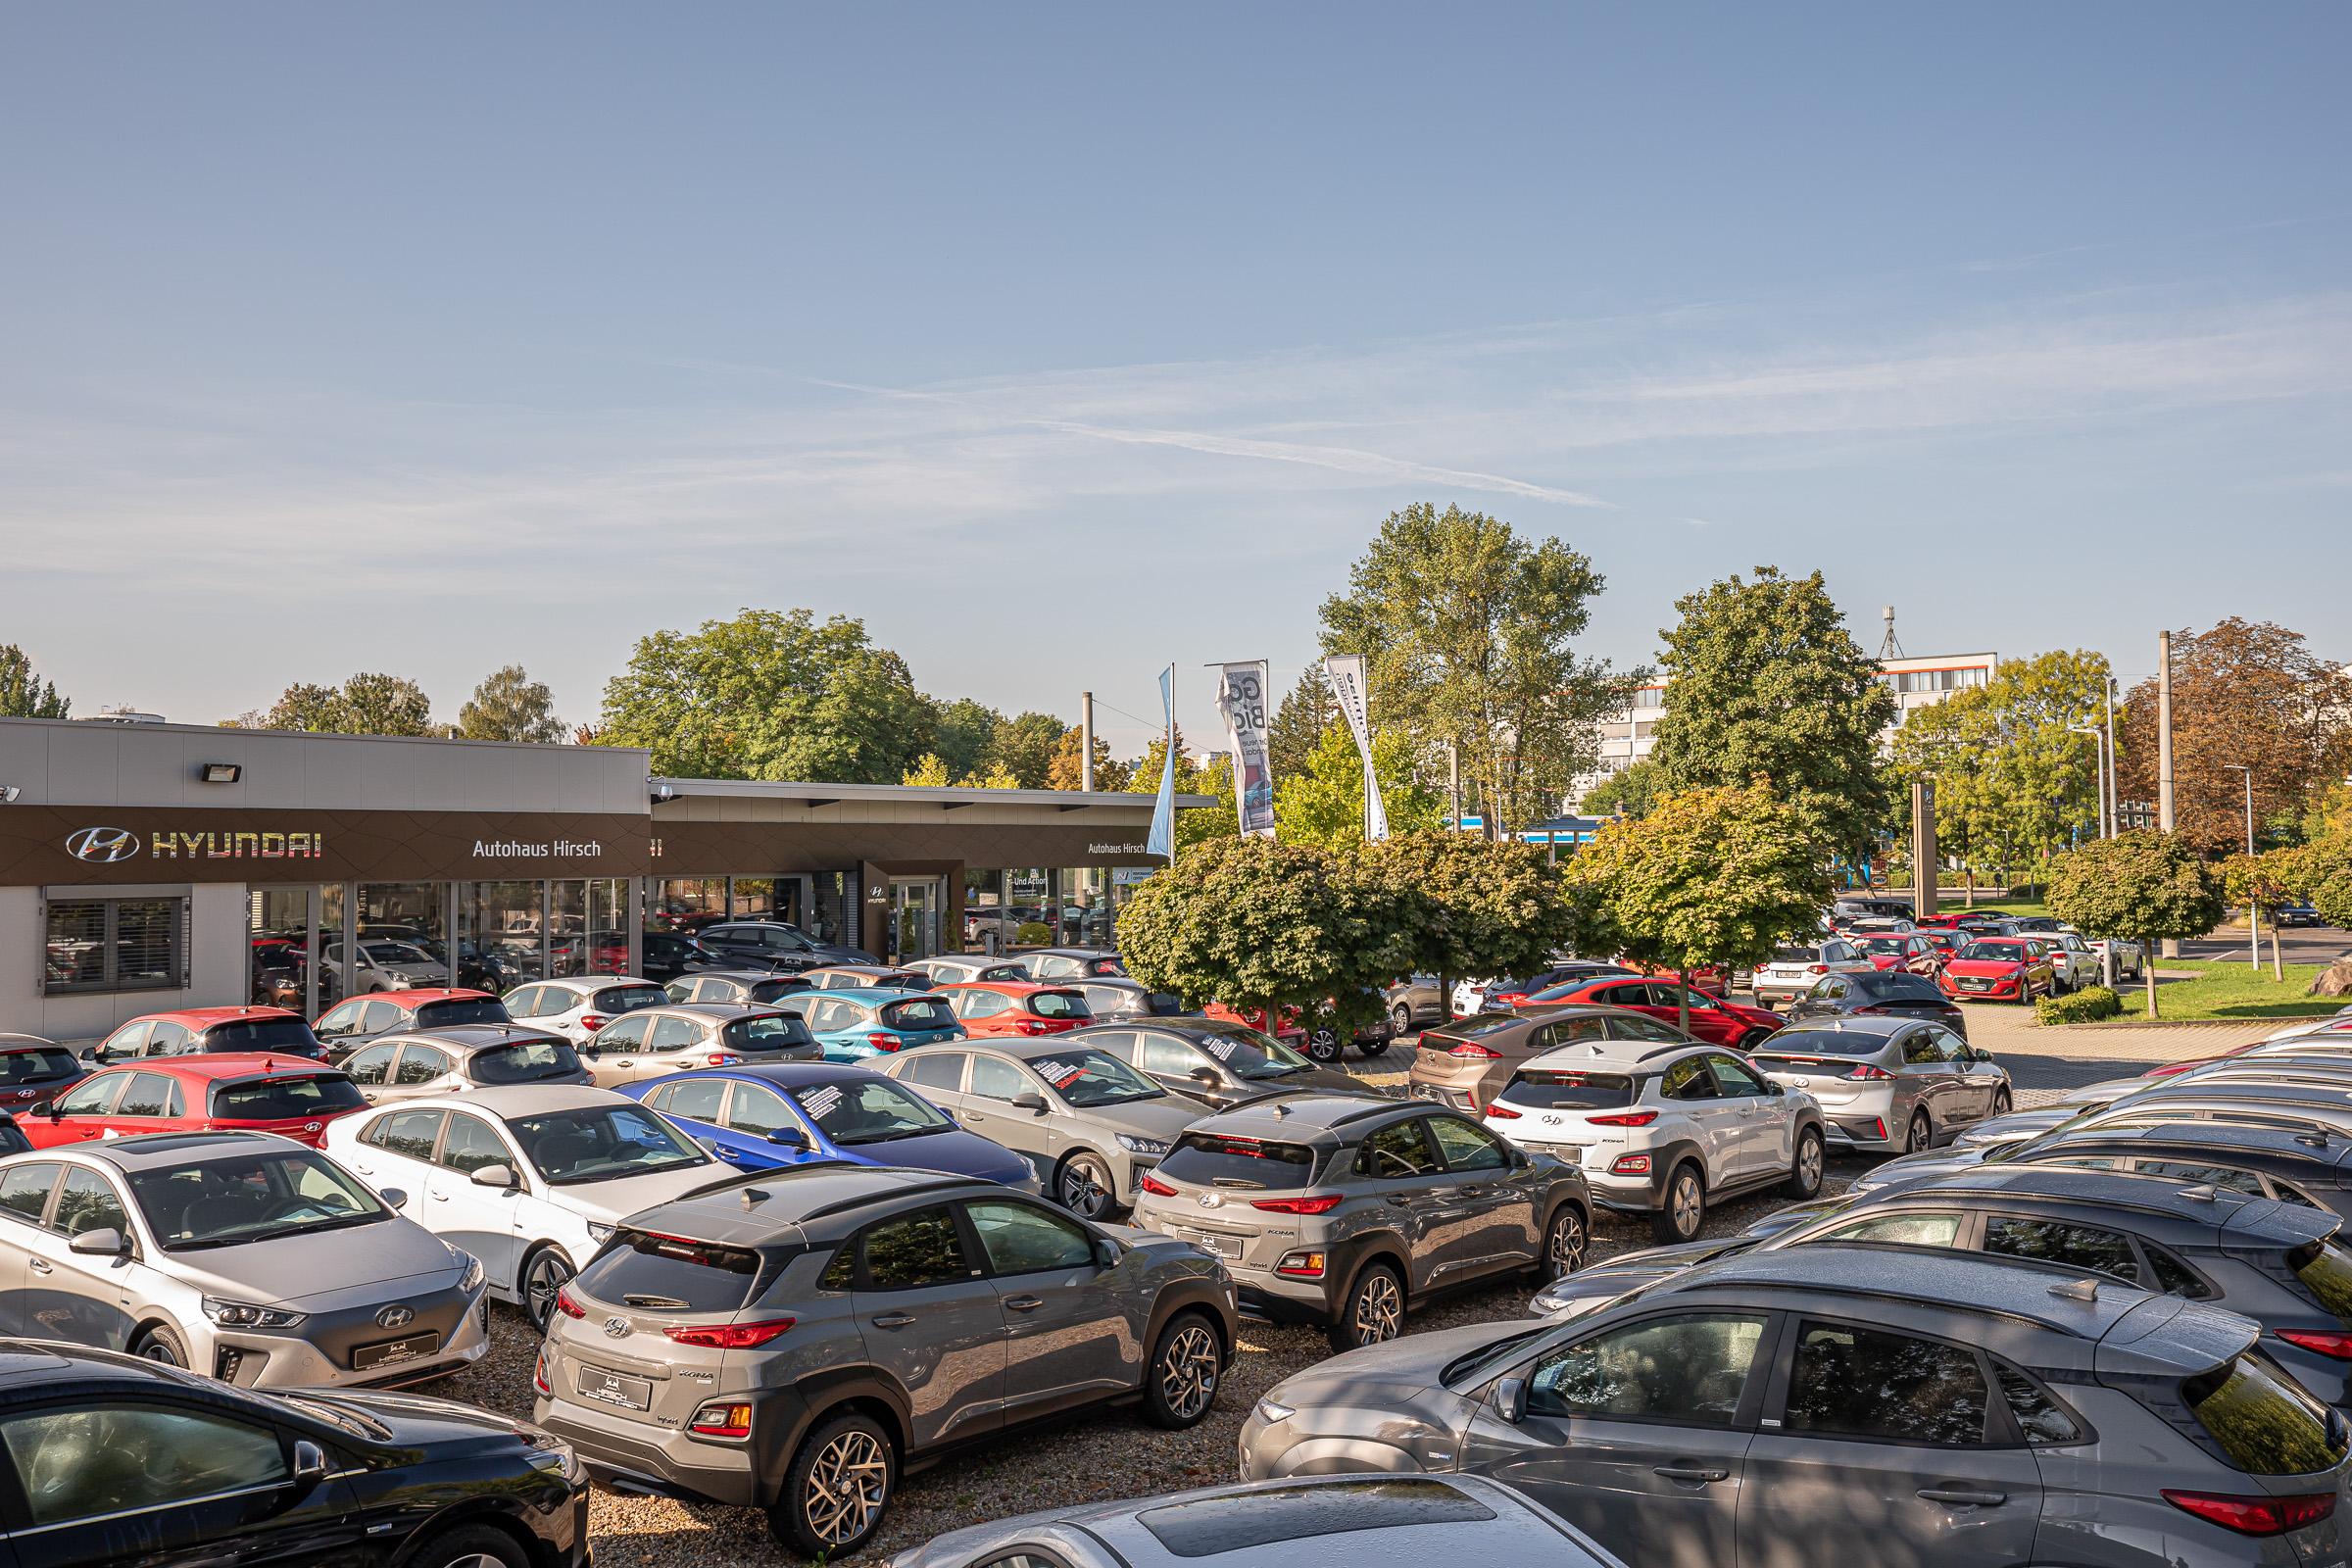 Hyundai Autohaus Hirsch Chemnitz - Außenaufnahme